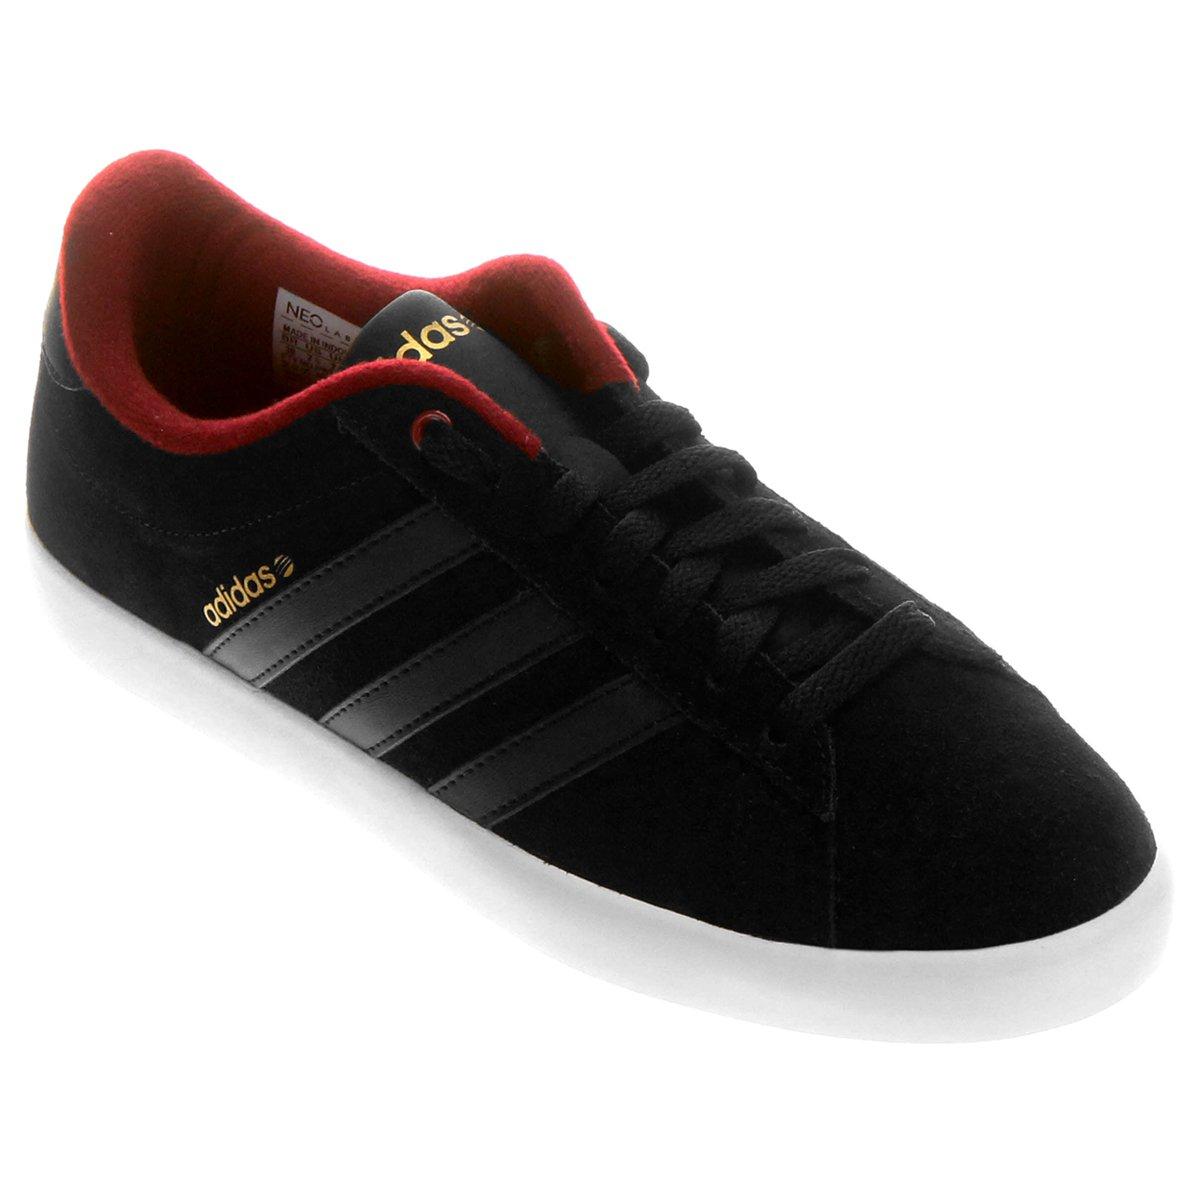 Tênis Adidas Derby - Compre Agora  69e292d082b